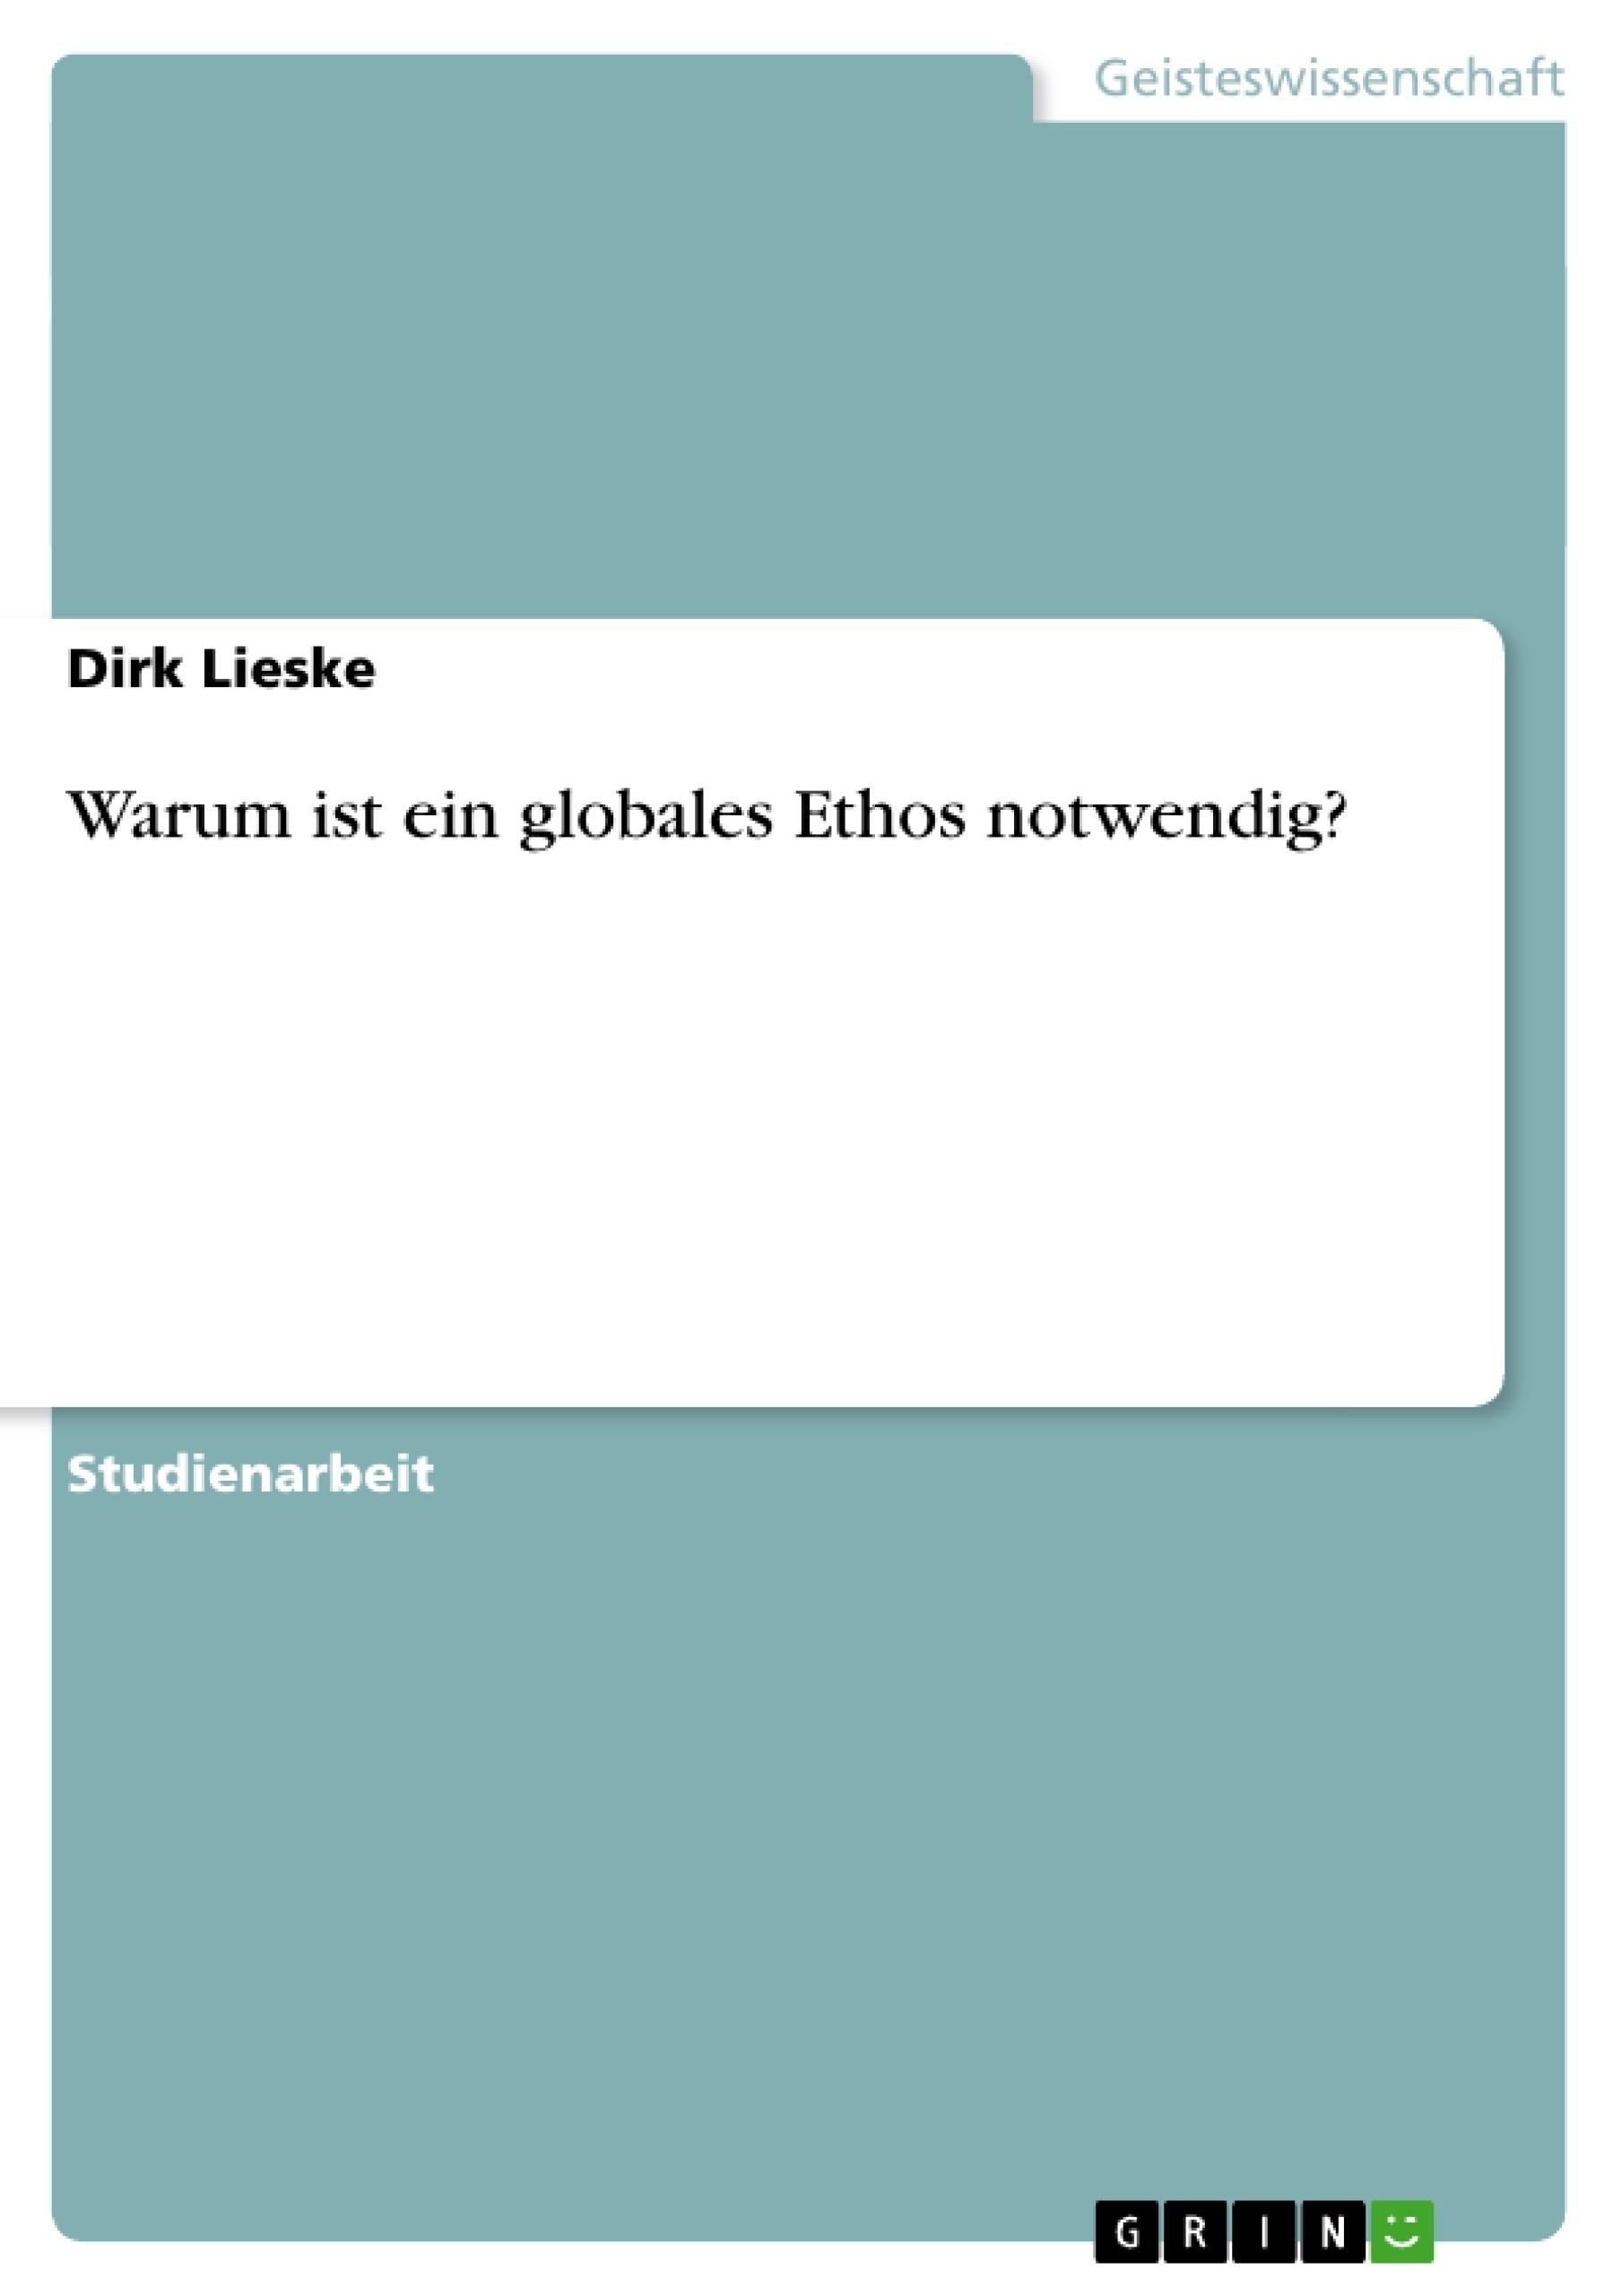 Titel: Warum ist ein globales Ethos notwendig?